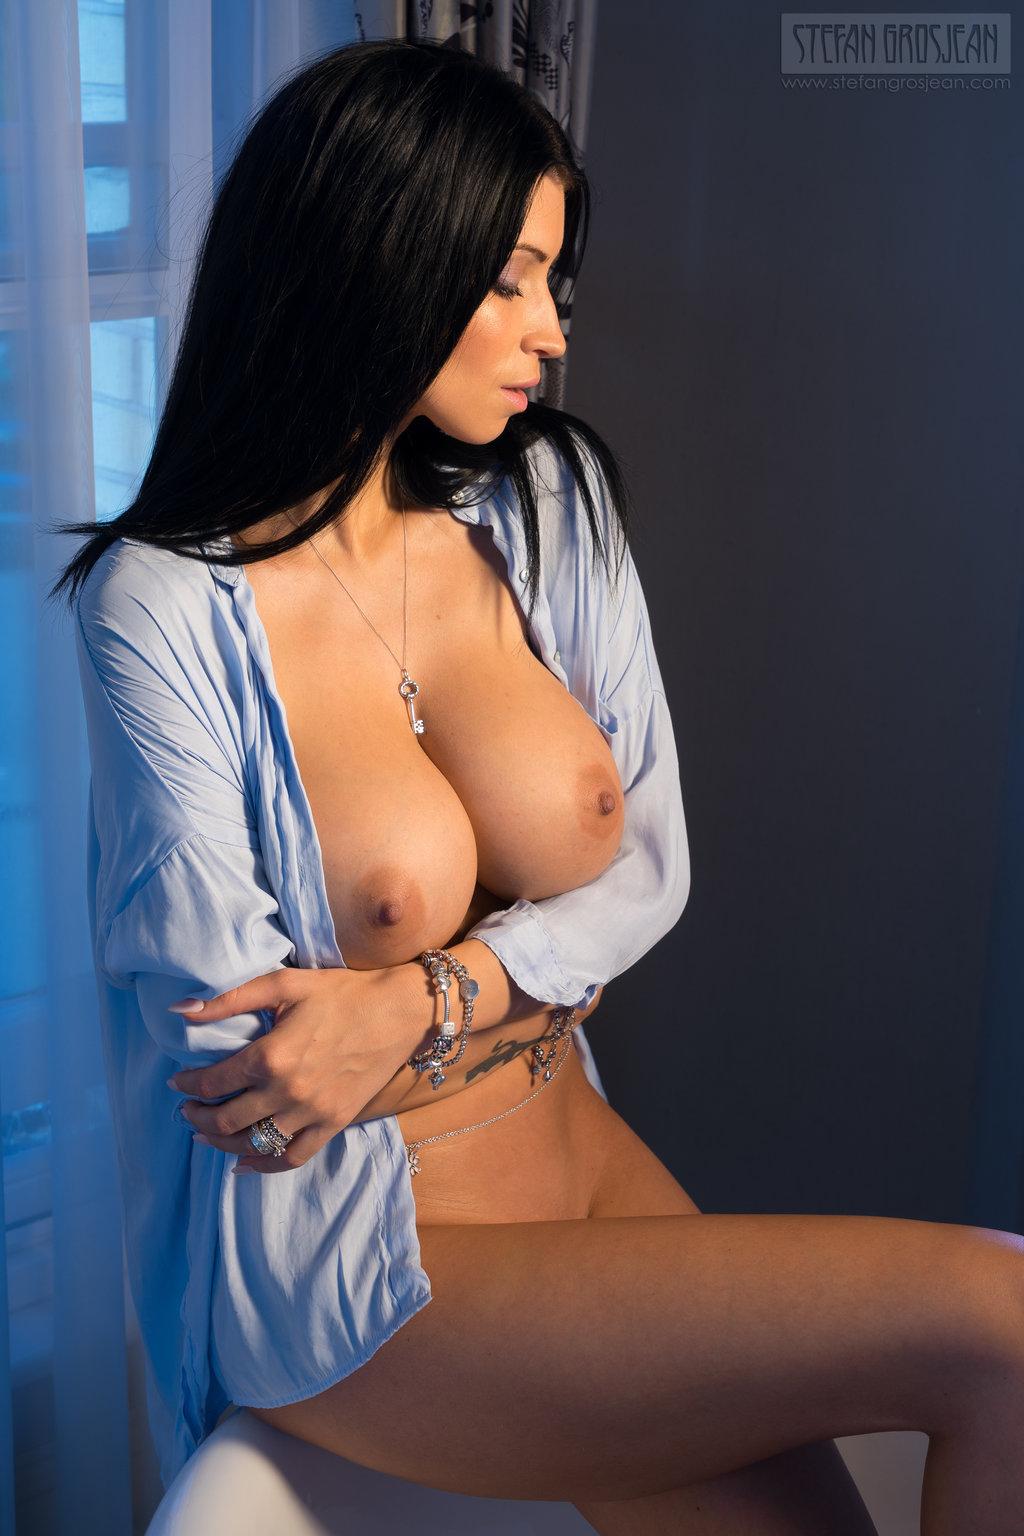 【ノーブラエロ画像】少し捲るだけでフリーな乳が!危う過ぎるシャツ1枚の外人さん(*´Д`)